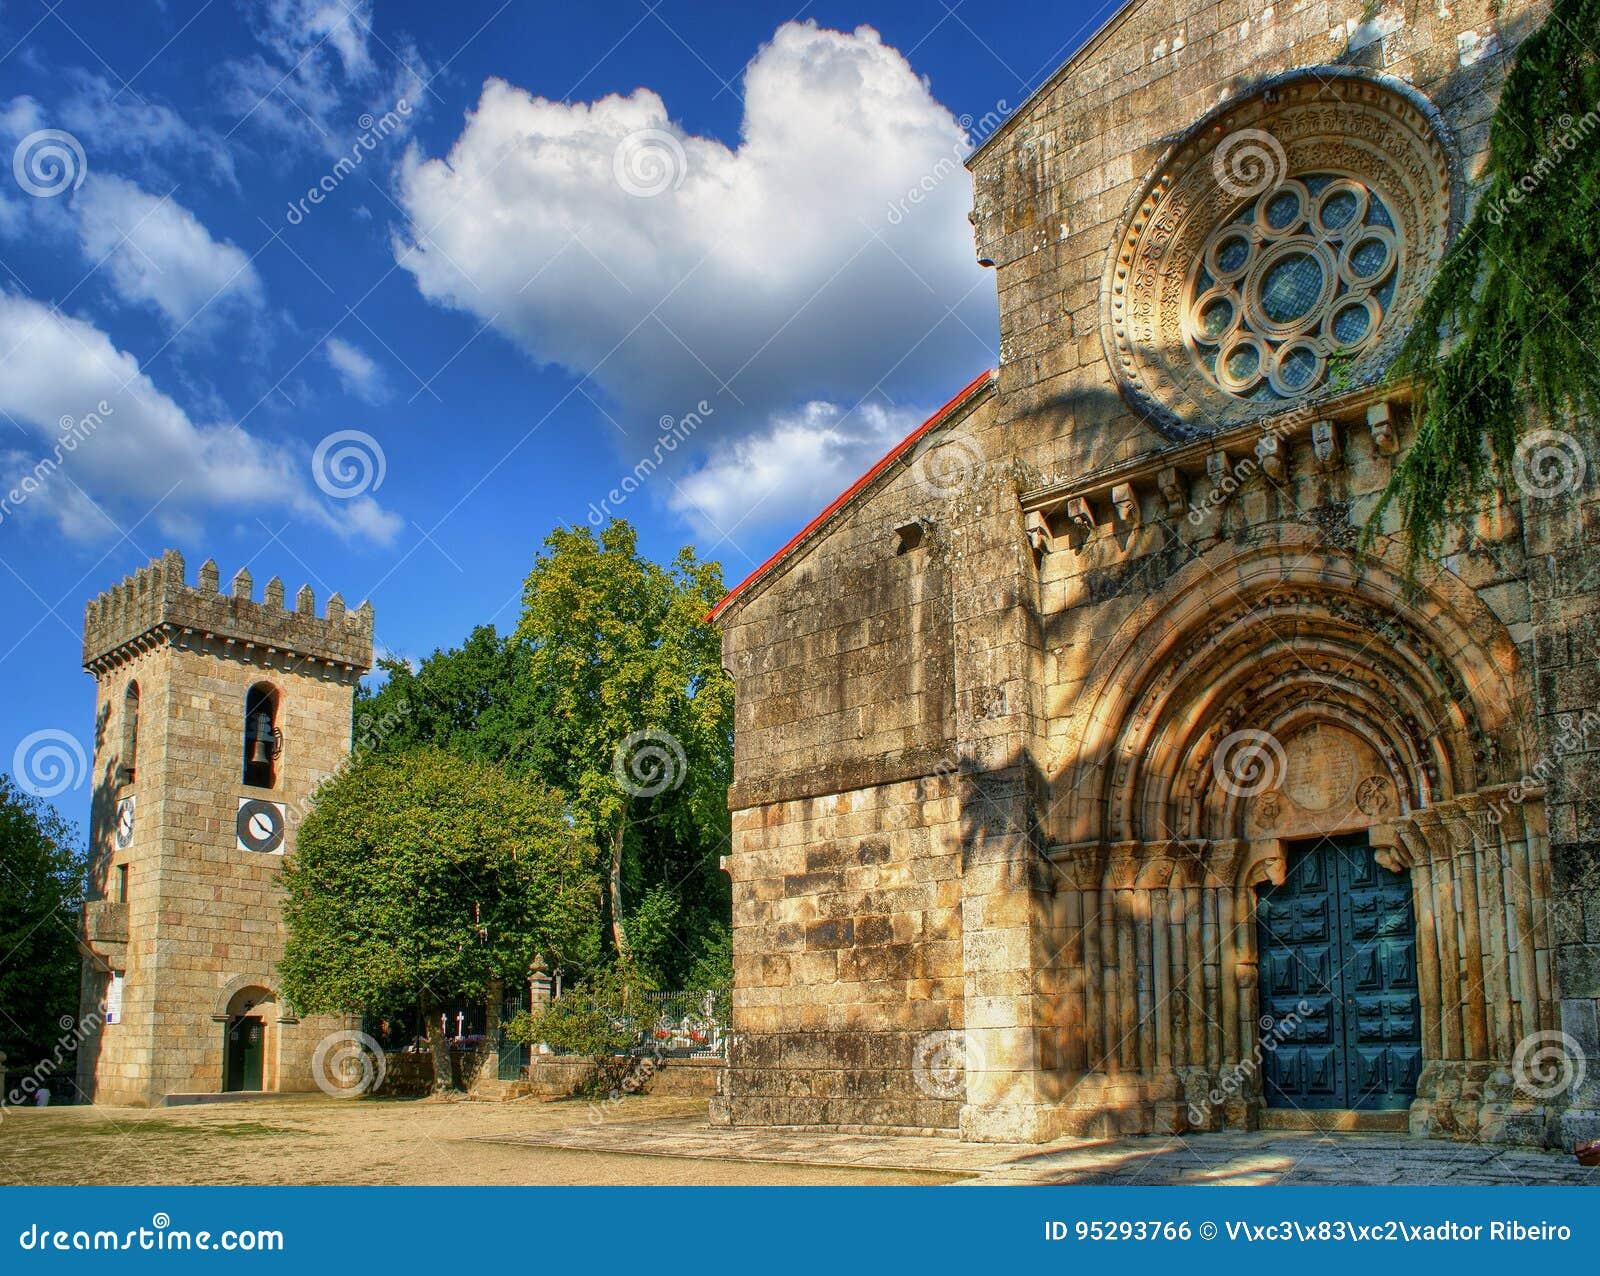 Download Mosteiro Do Salvador De Paco De Sousa Stock Photo - Image of environment, penafiel: 95293766